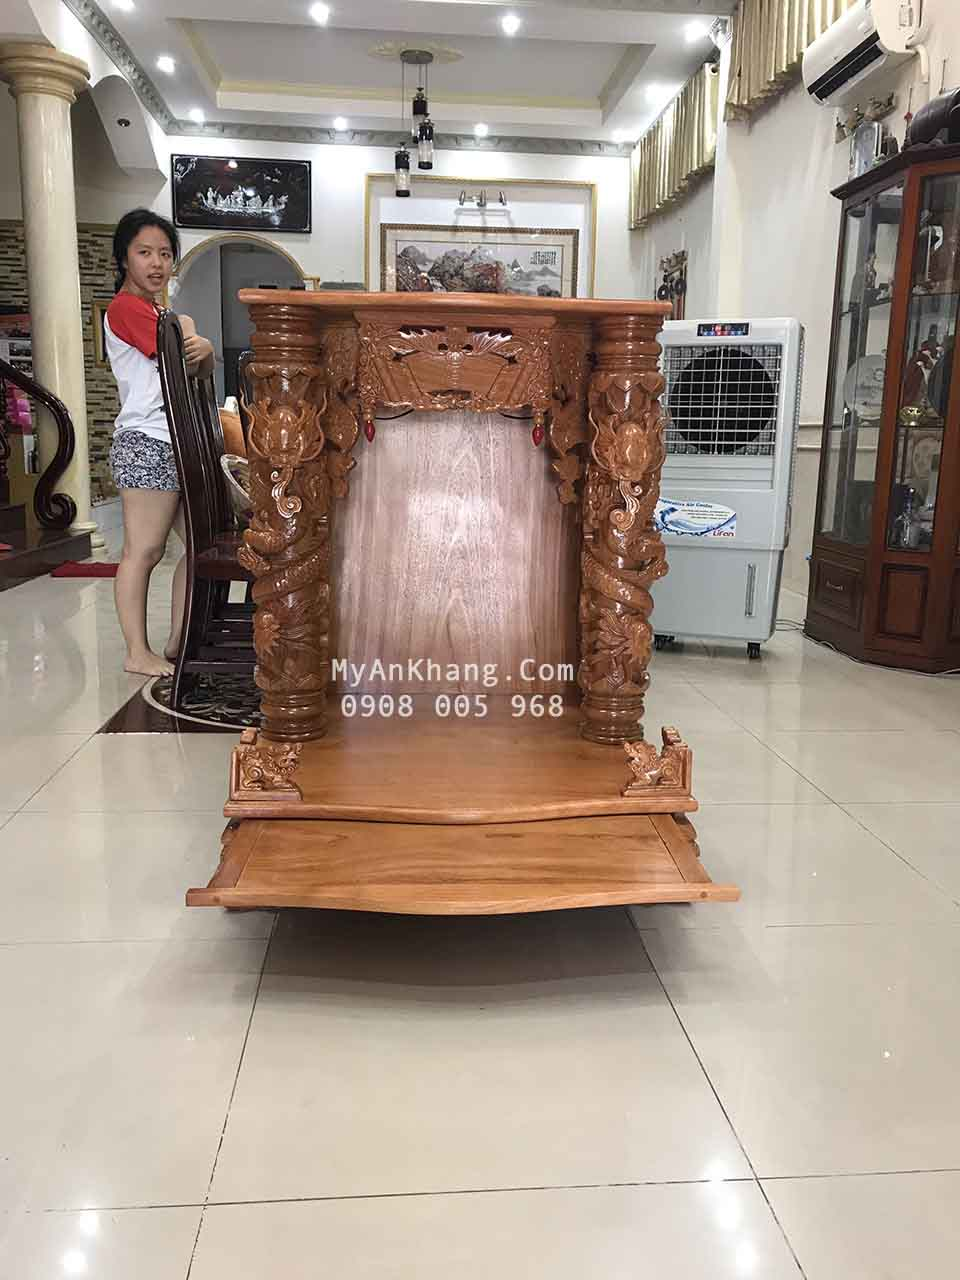 Bàn thờ thần tài đẹp tại quận 9 TPHCM